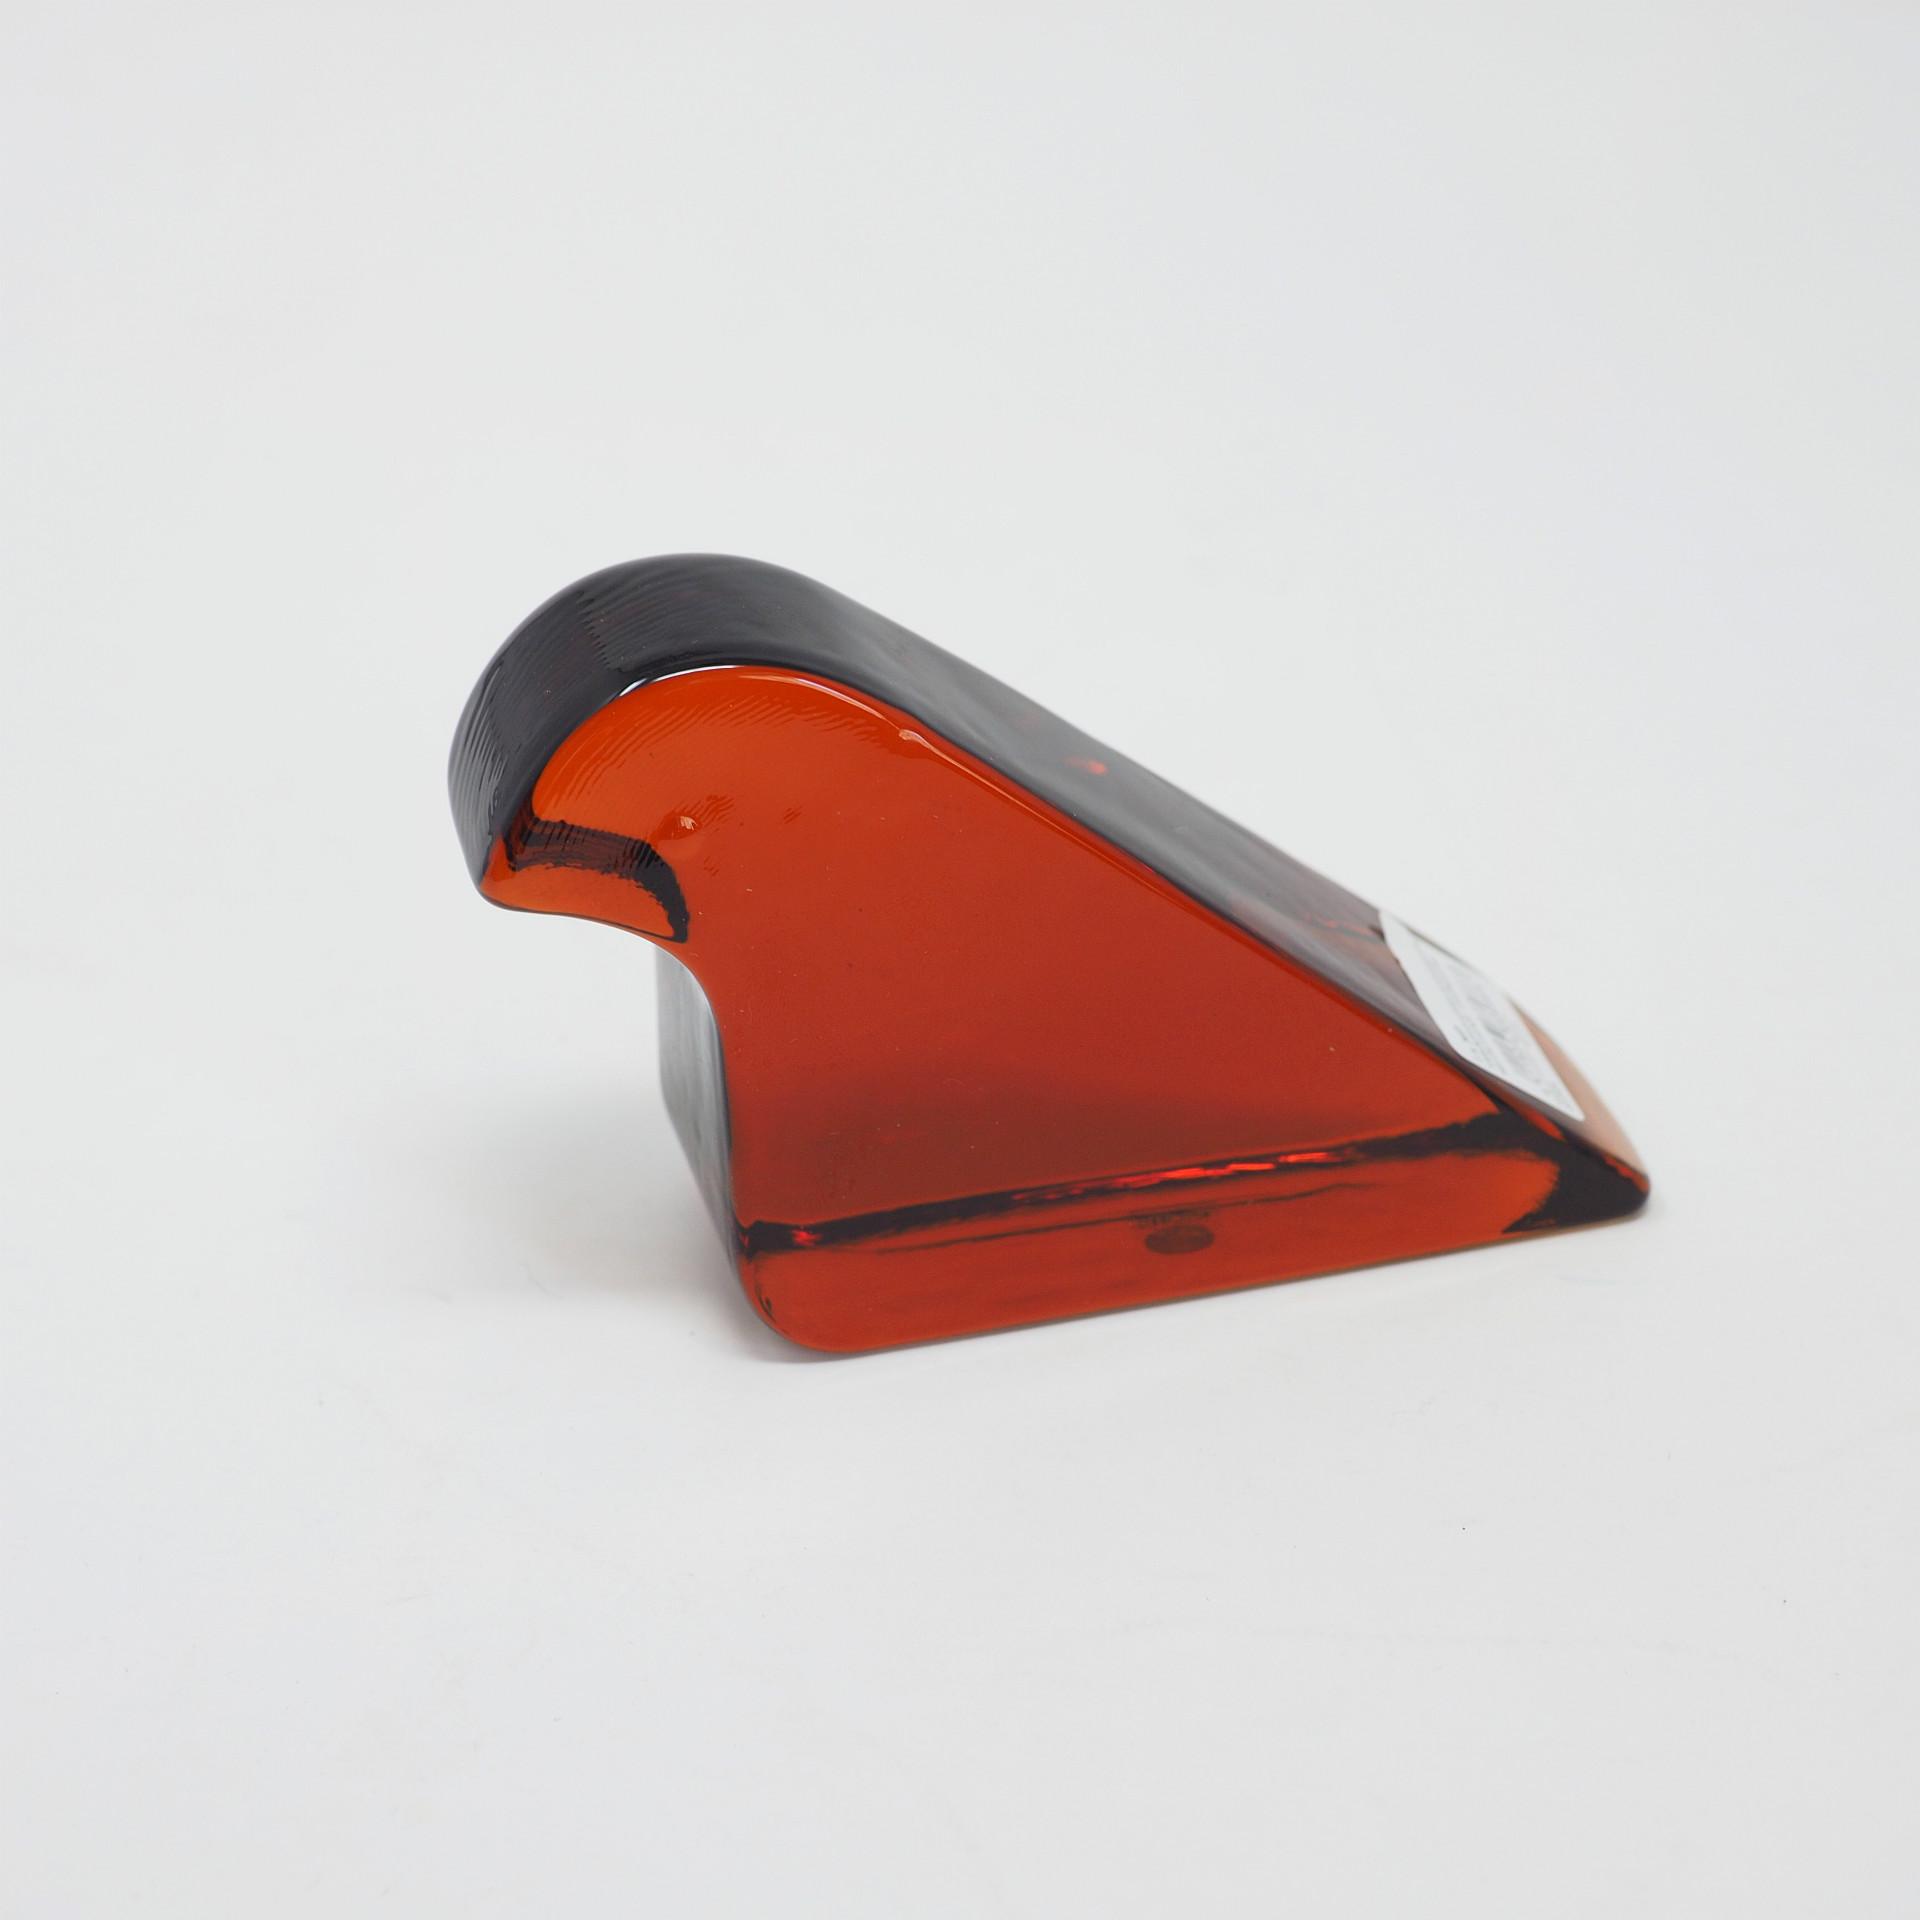 ガラスバード セビリアオレンジ Glass bird Lasilintu(イッタラ × ミナ ペルホンネン)